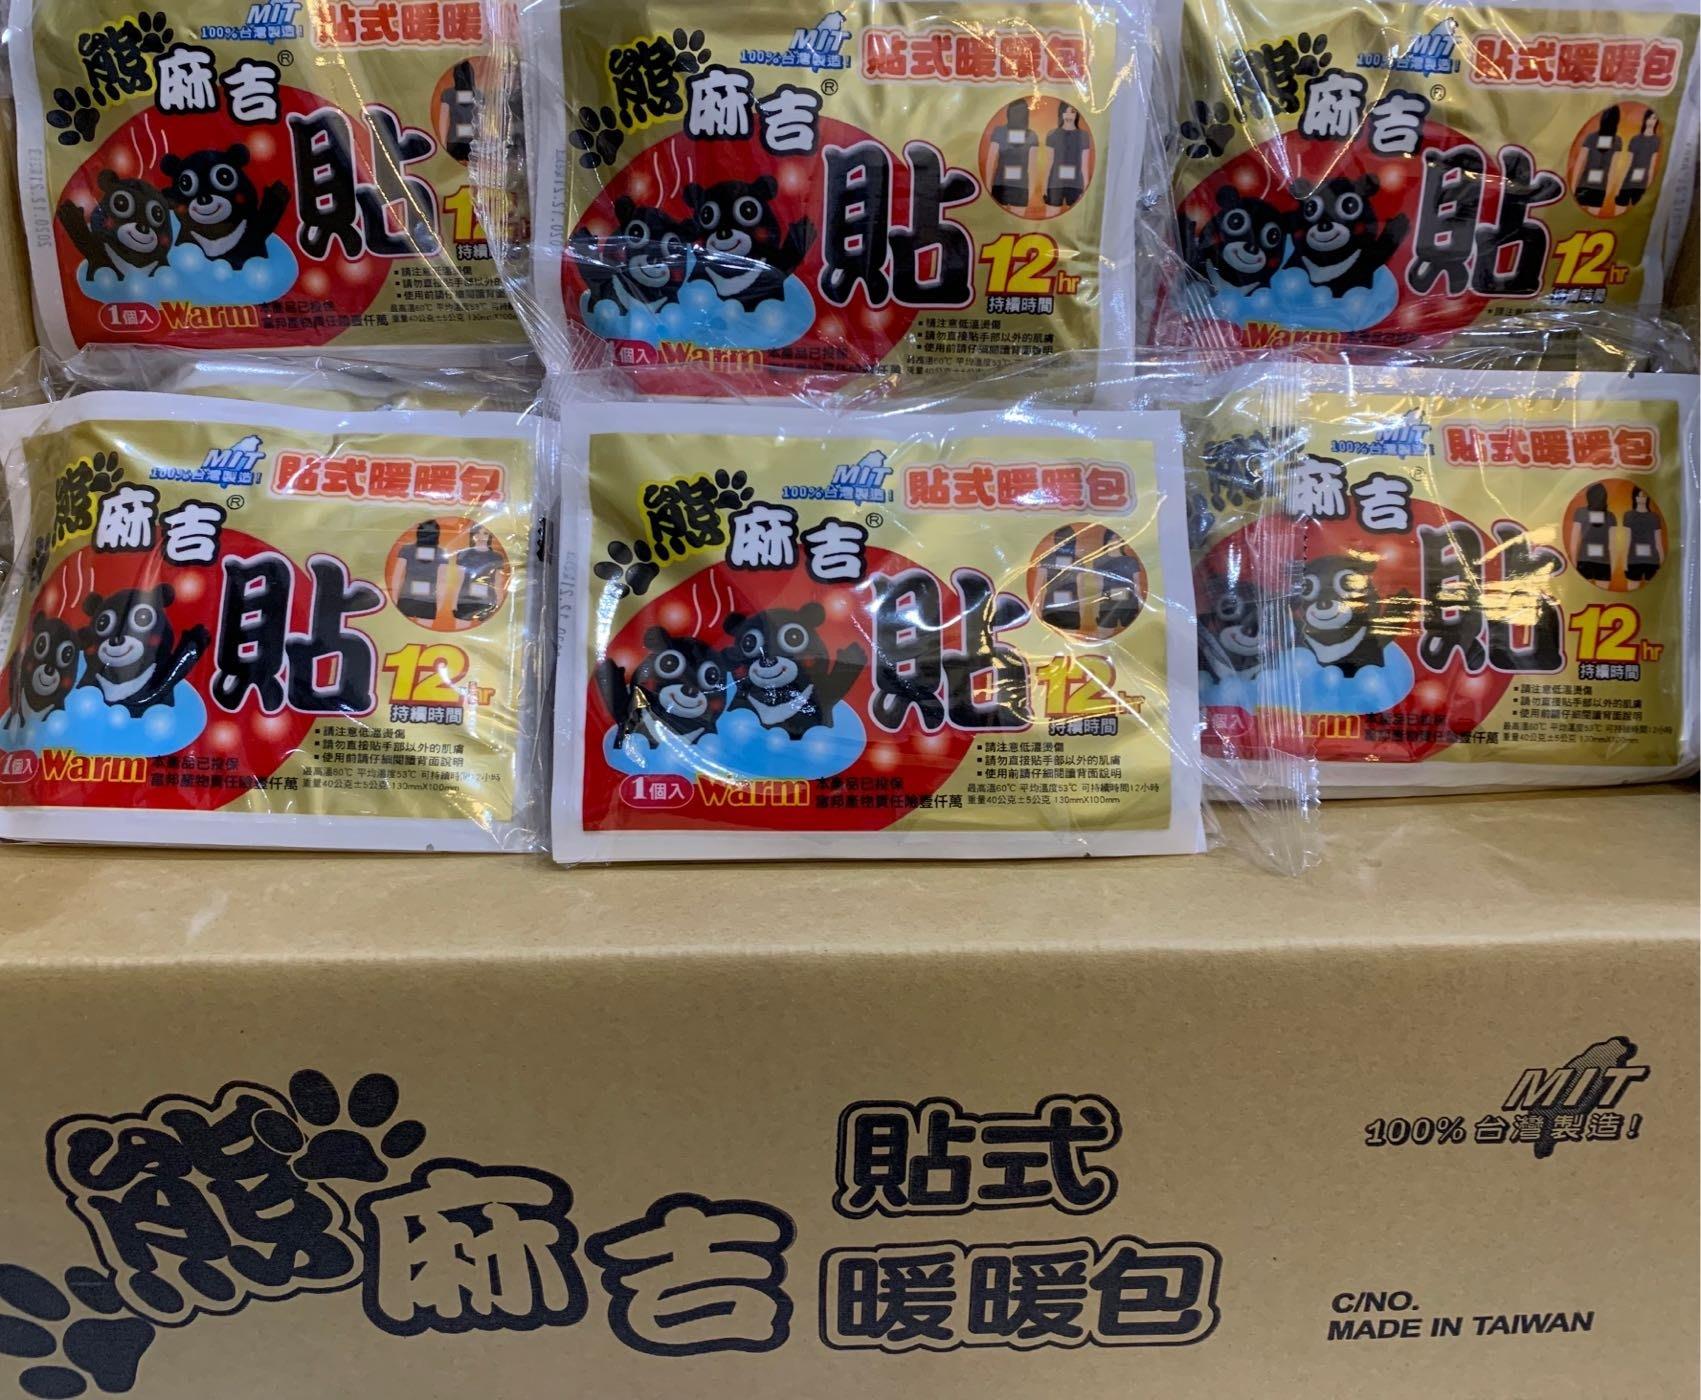 (原始點貼式暖暖包)一包75元台灣製造.熊麻吉12H貼式暖暖包1箱24包240片市價2880元暖暖包.熊麻吉貼式暖暖包.暖暖包